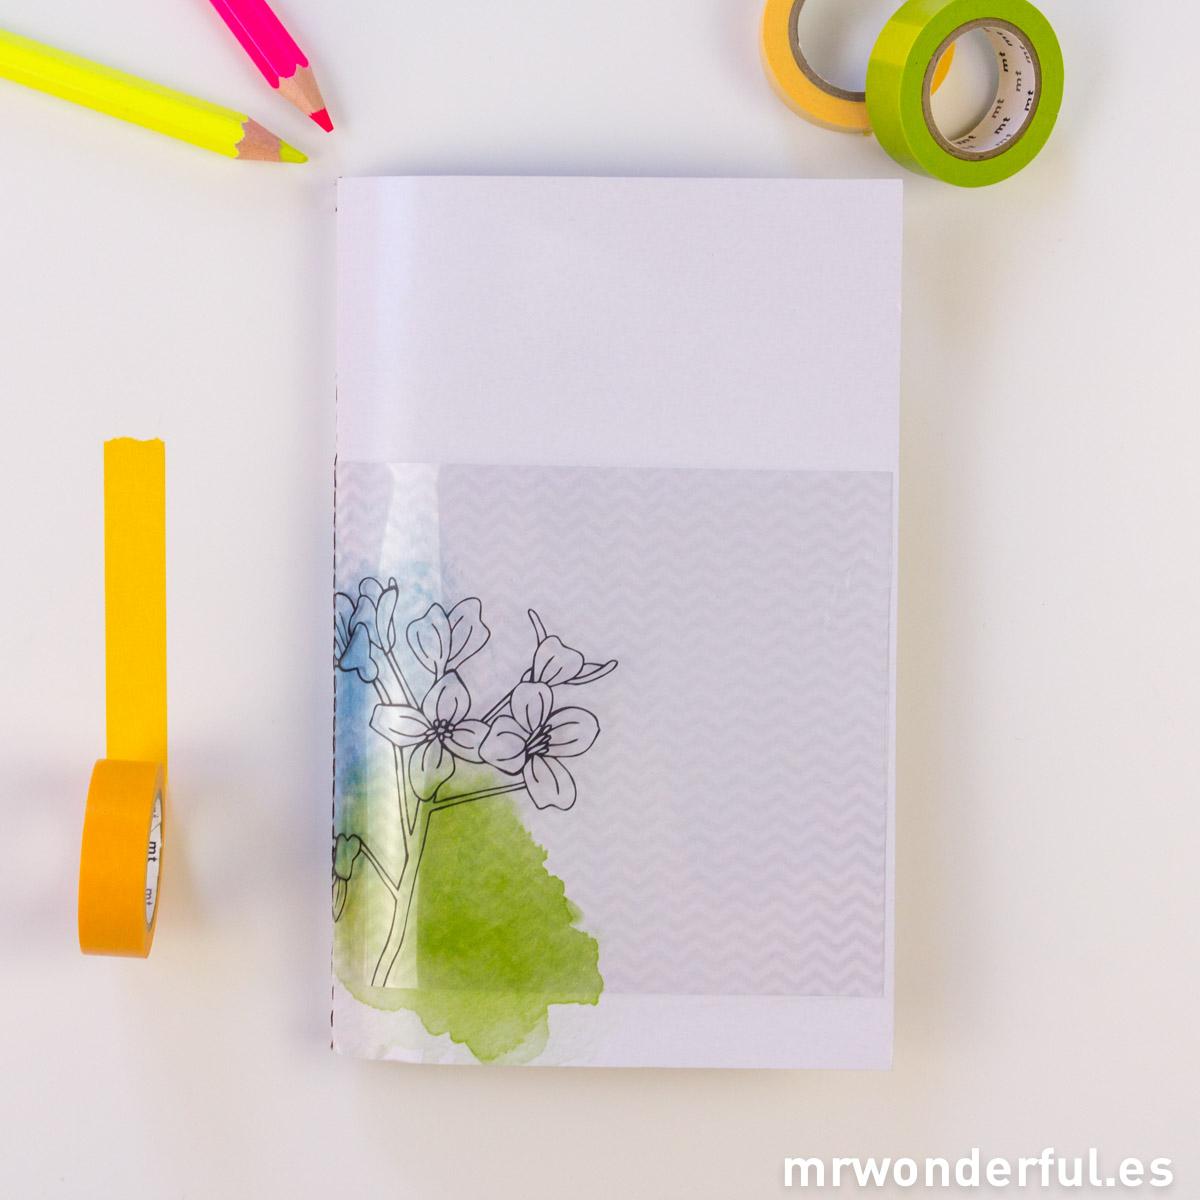 mrwonderful_76224_album-scrapbook-hojas-surtidas-efecto-libreta-1